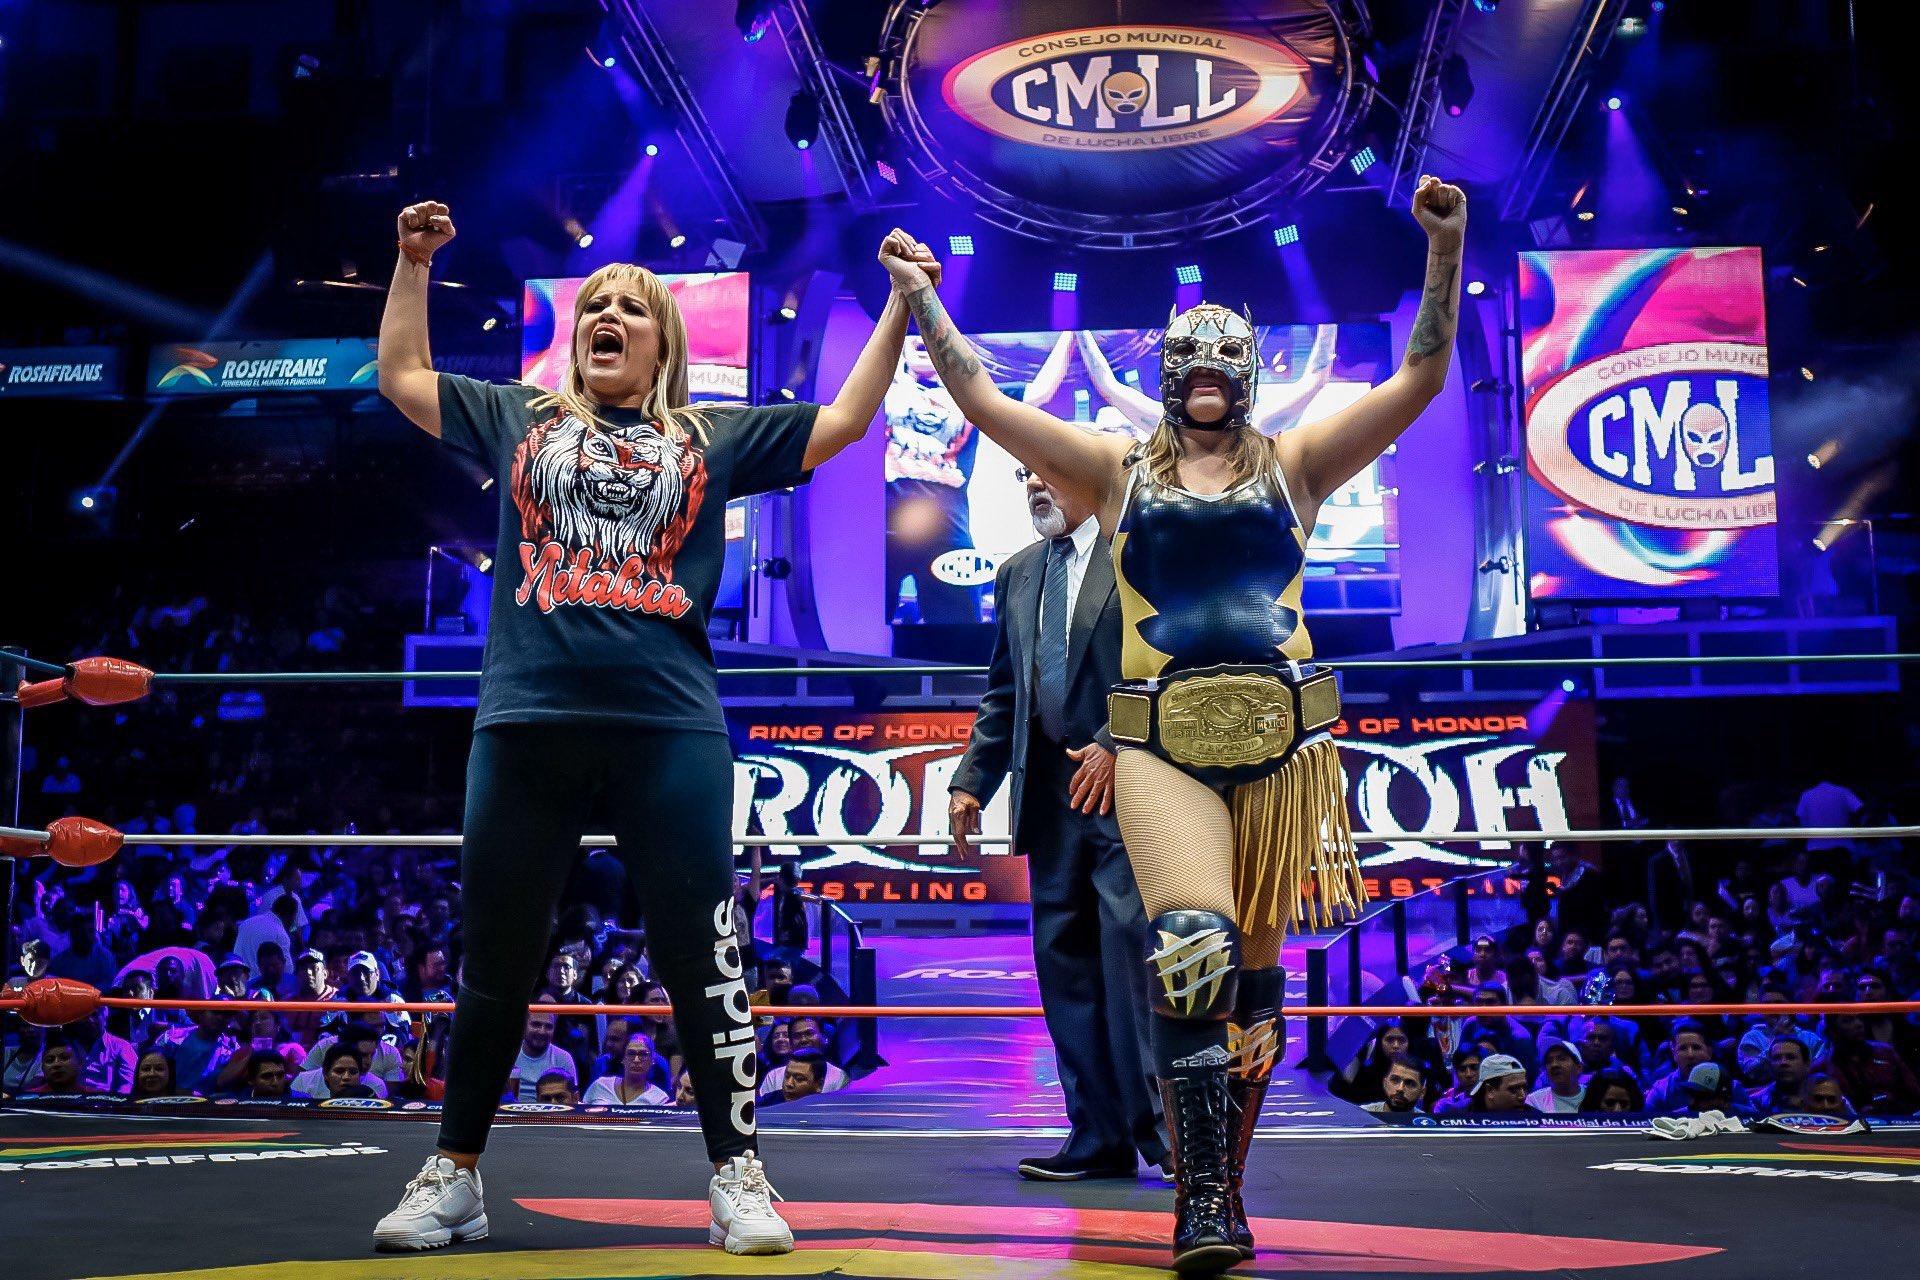 CMLL Aniversario 86 (27 de septiembre 2019) | Resultados en vivo | 7 cabelleras en juego 7